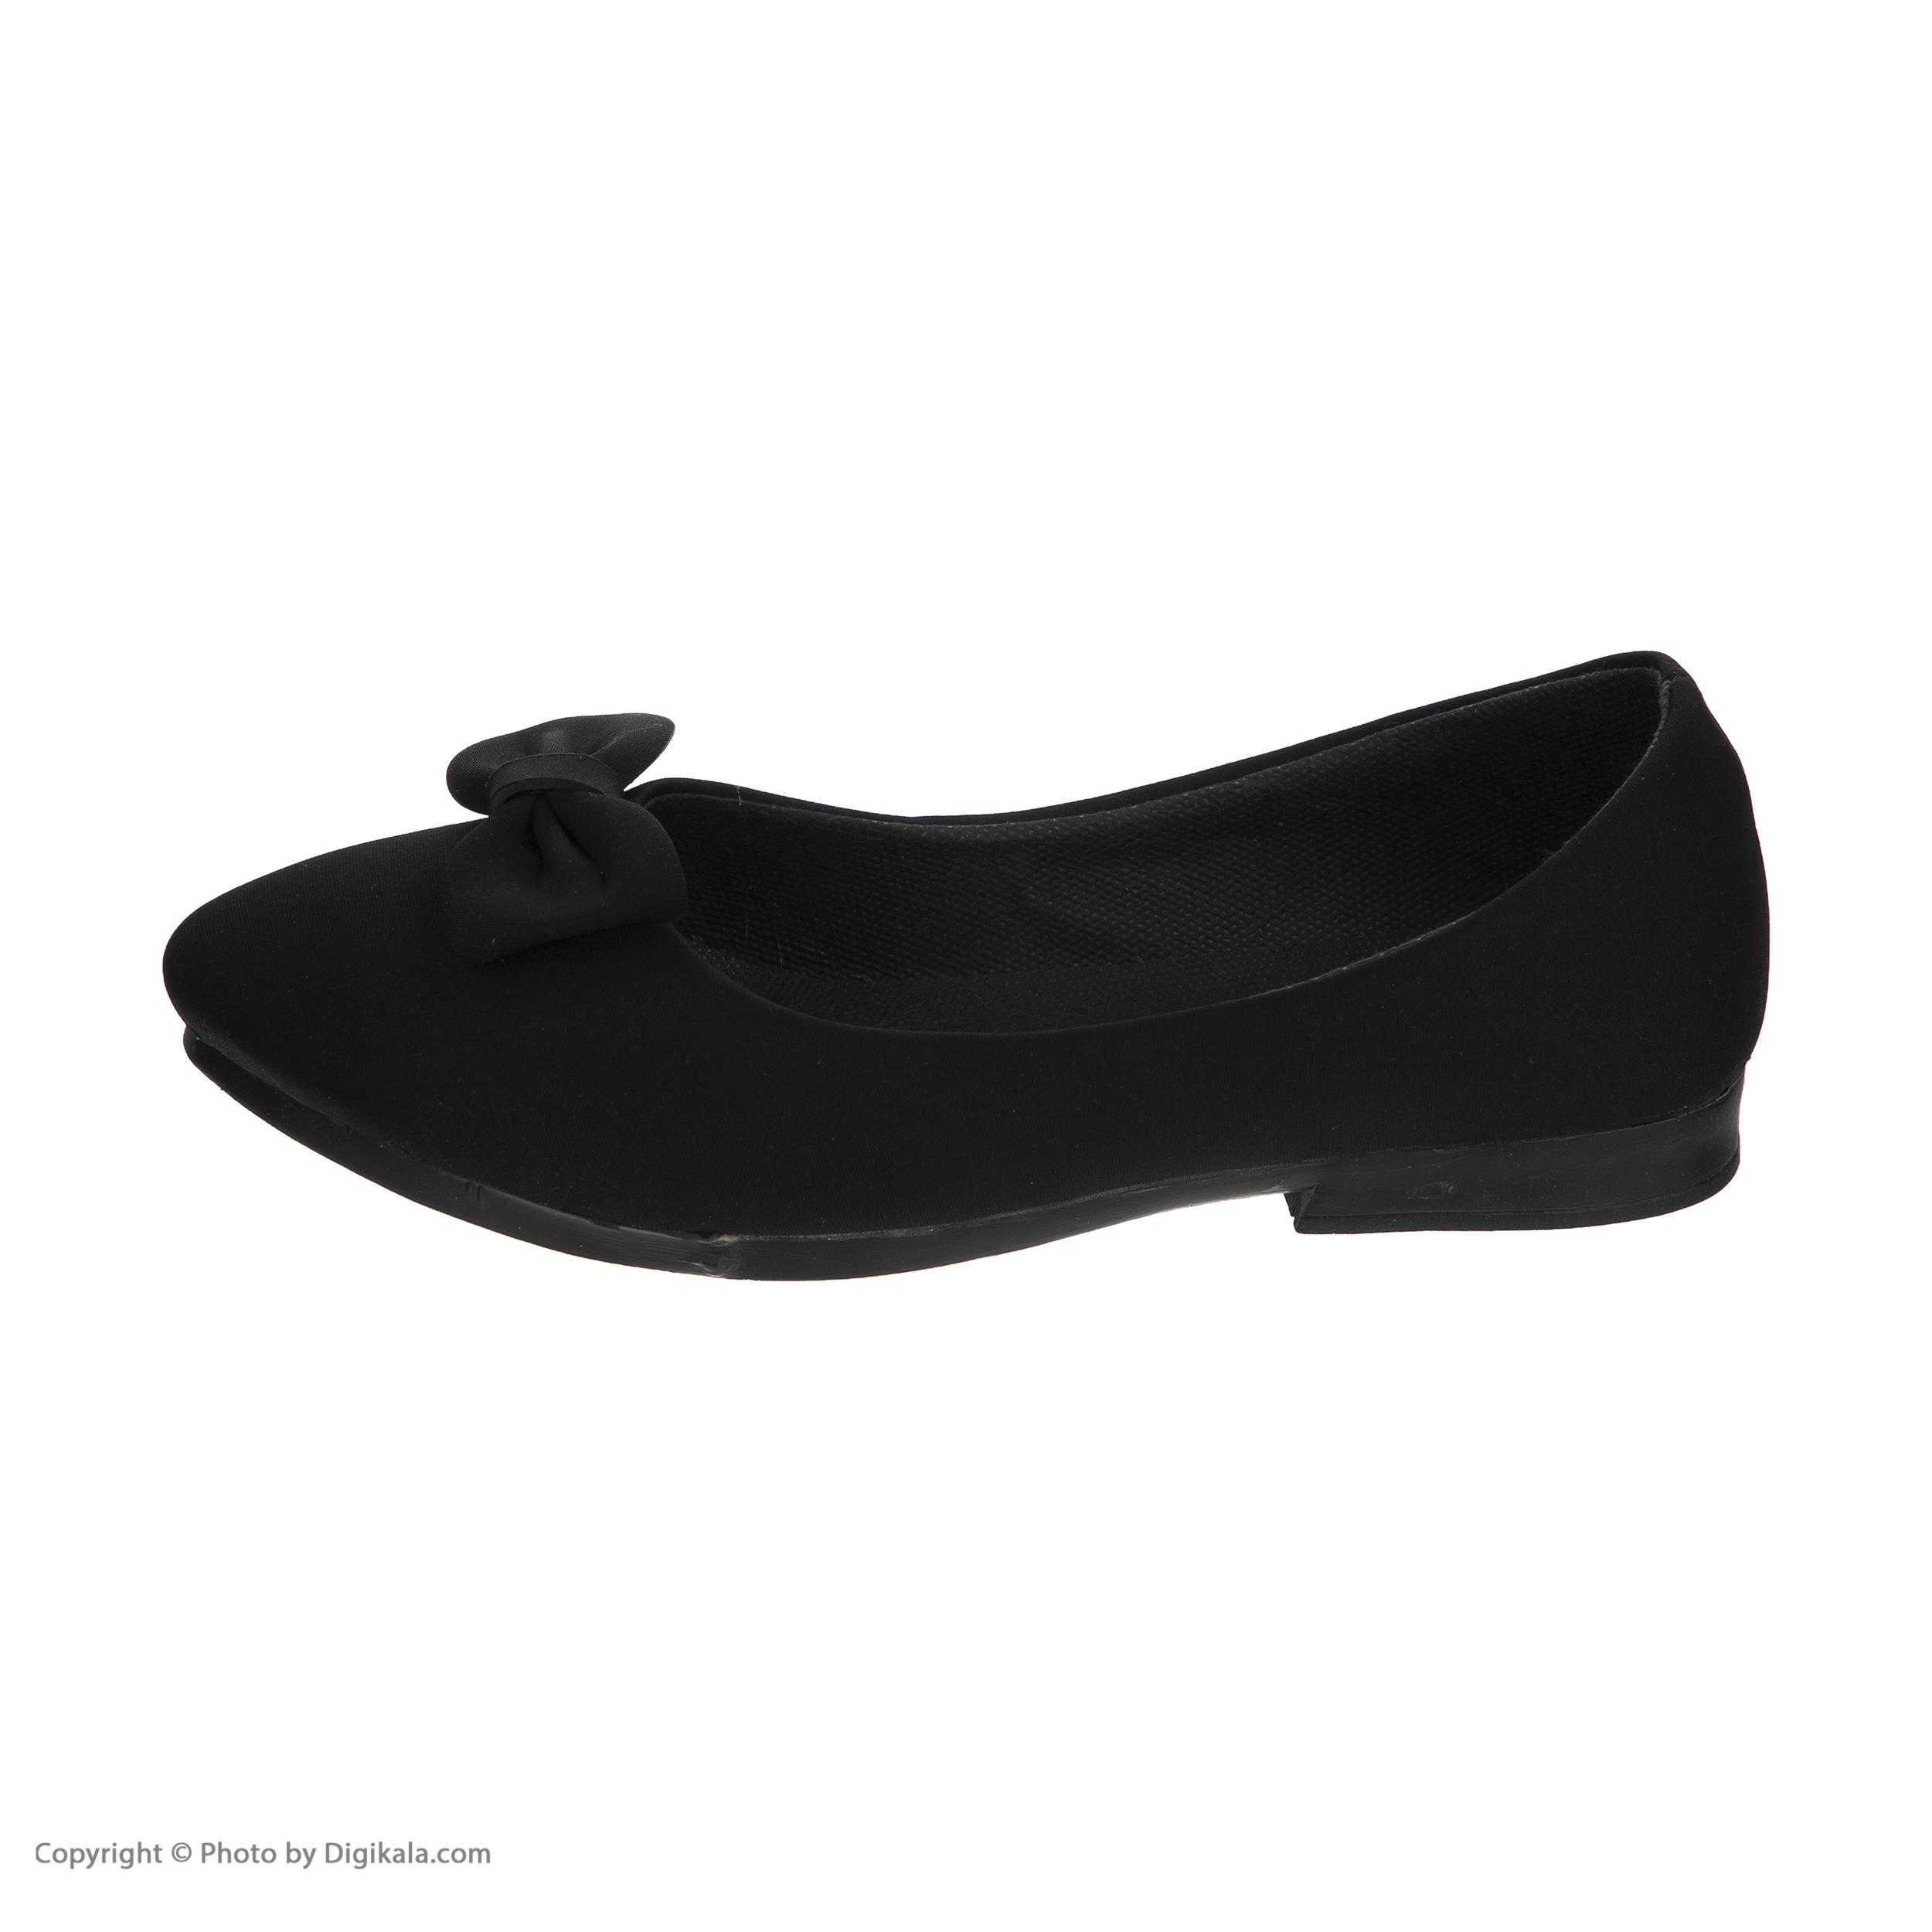 کفش زنانه ریمکس مدل 1004a100101